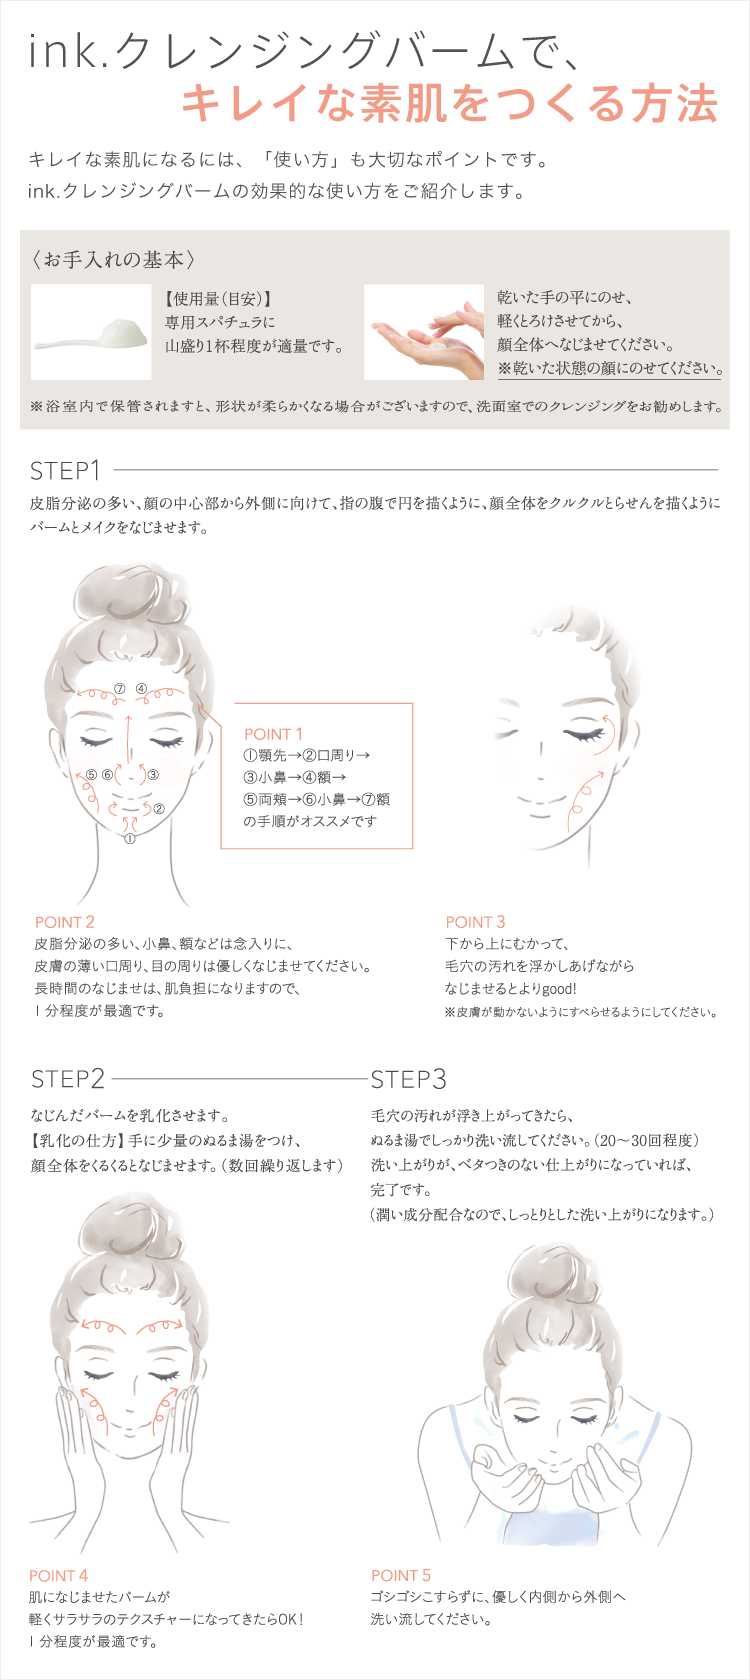 キレイな素肌をつくる方法